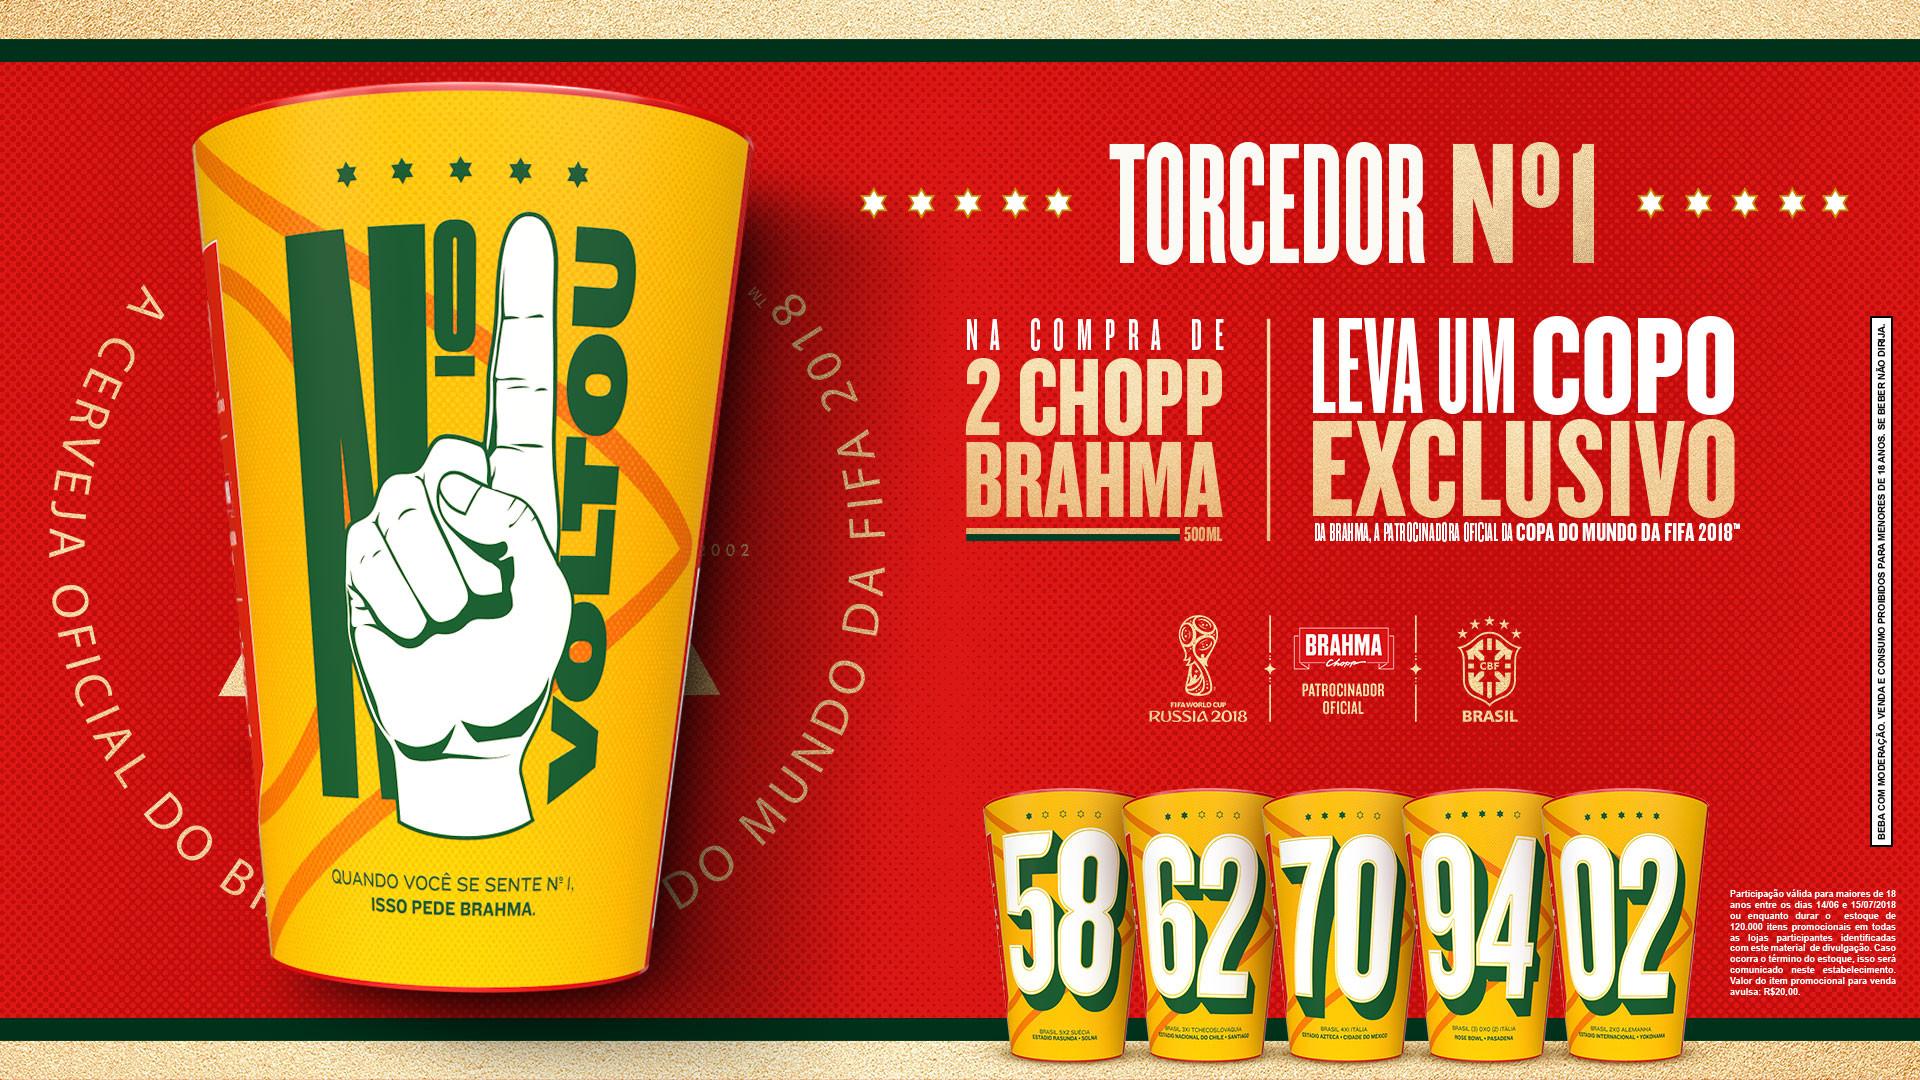 Montana Grill e Griletto lançam promoção Torcedor Nº 1